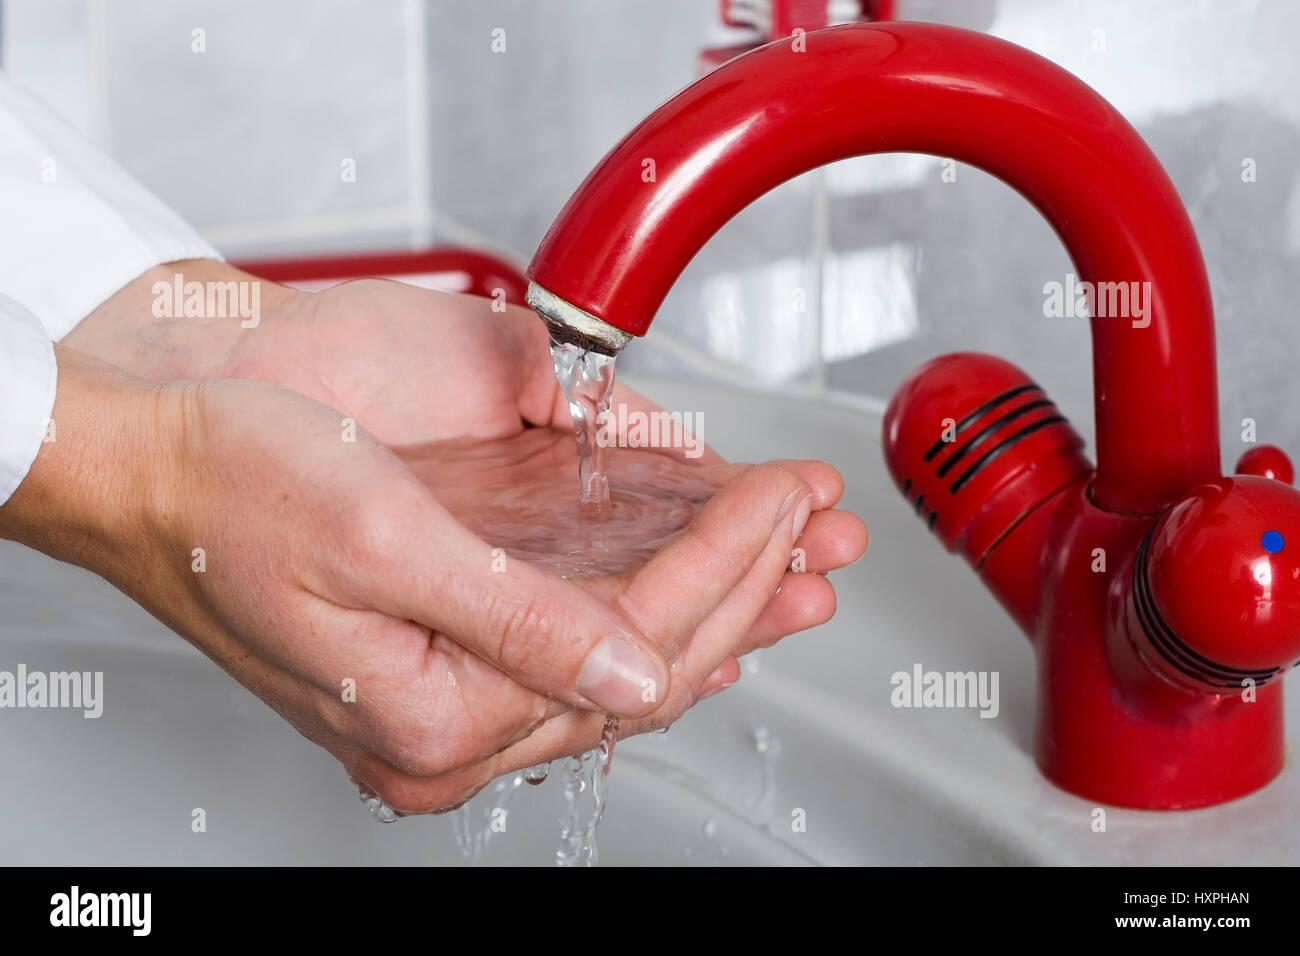 Woman washes the hands (mr) to herself, Frau wäscht sich die Hände (mr) - Stock Image